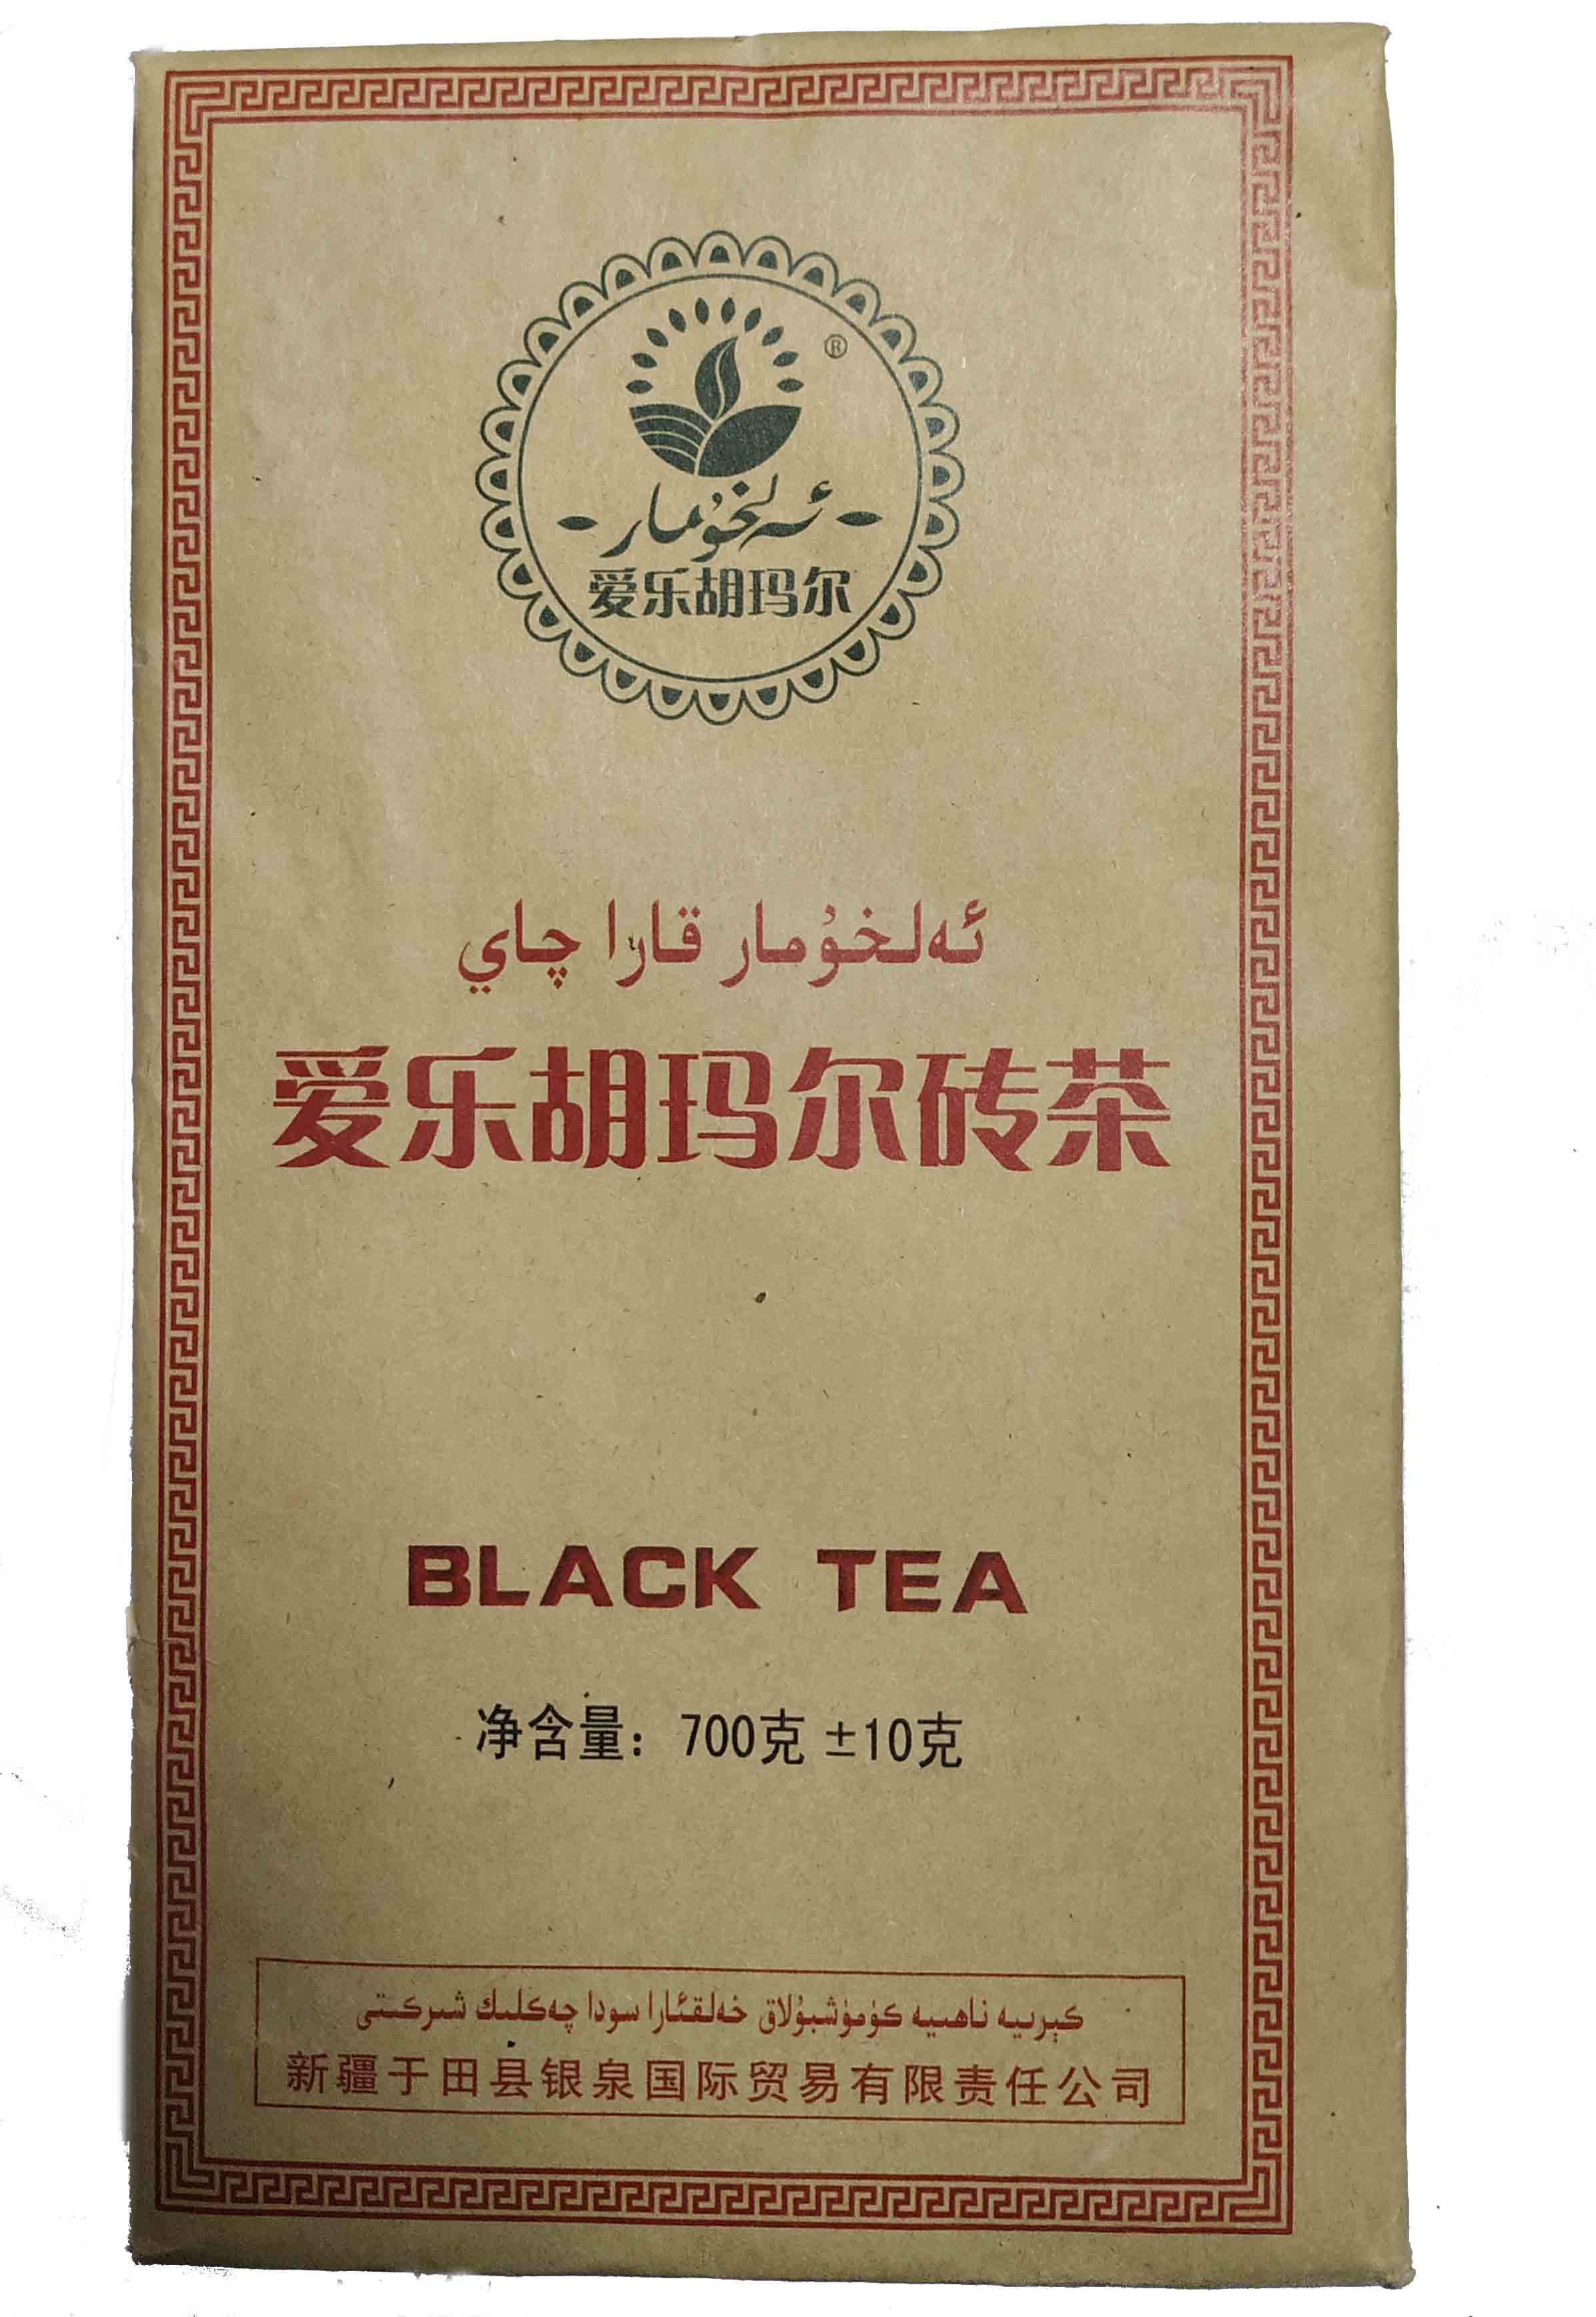 新疆特产砖茶爱乐胡玛尔特制砖茶黑茶酥油茶去油腻奶茶专用700克